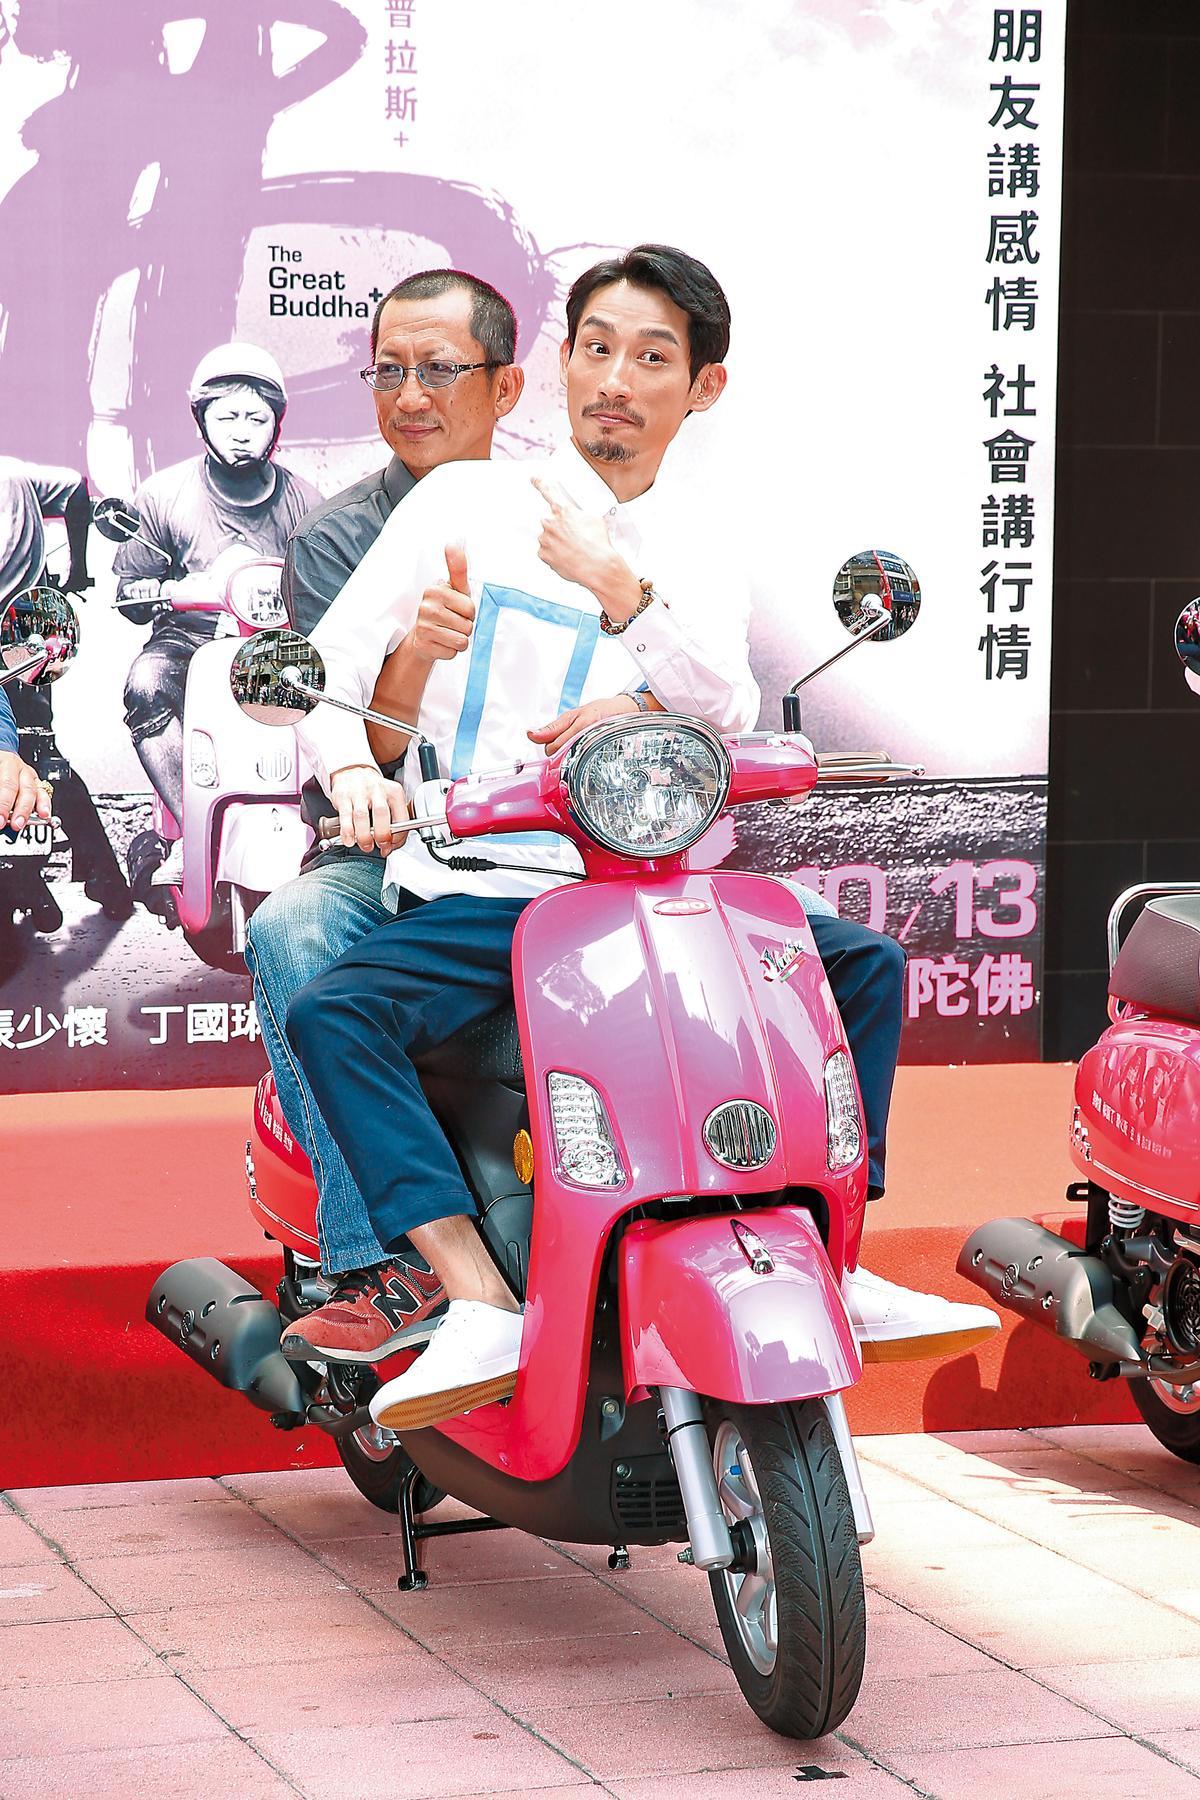 記者會上兩人騎著粉紅機車出場,他們戲裡默契極佳,不少互動也被觀眾笑稱有「粉紅泡泡」。